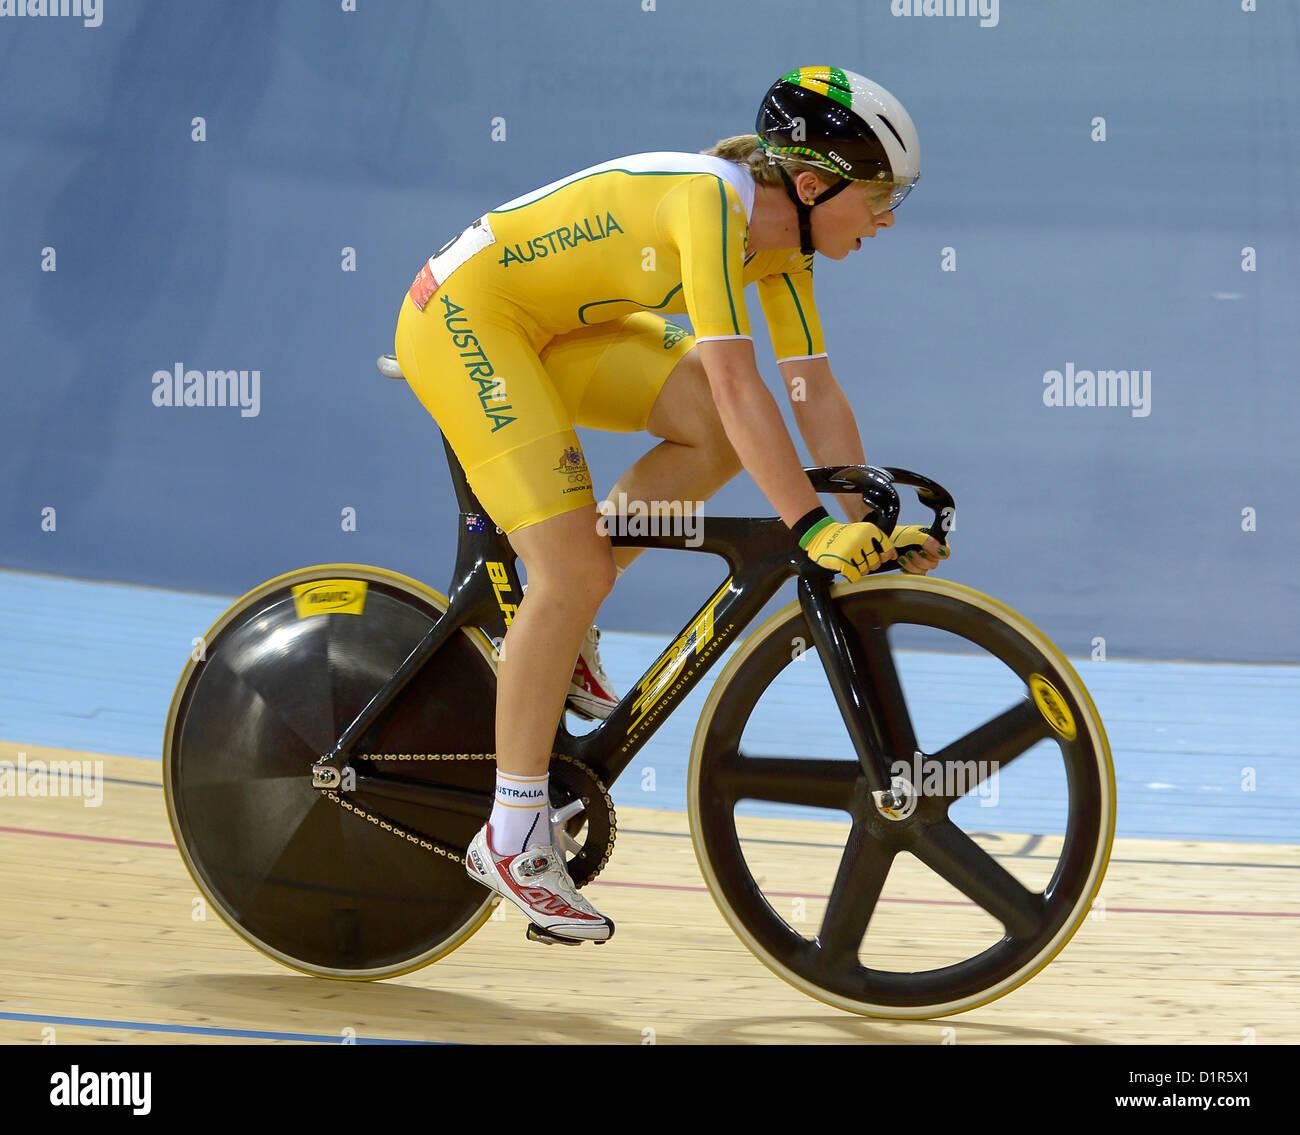 Annette Edmondson (AUS, Australia). Track Cycling - Stock Image